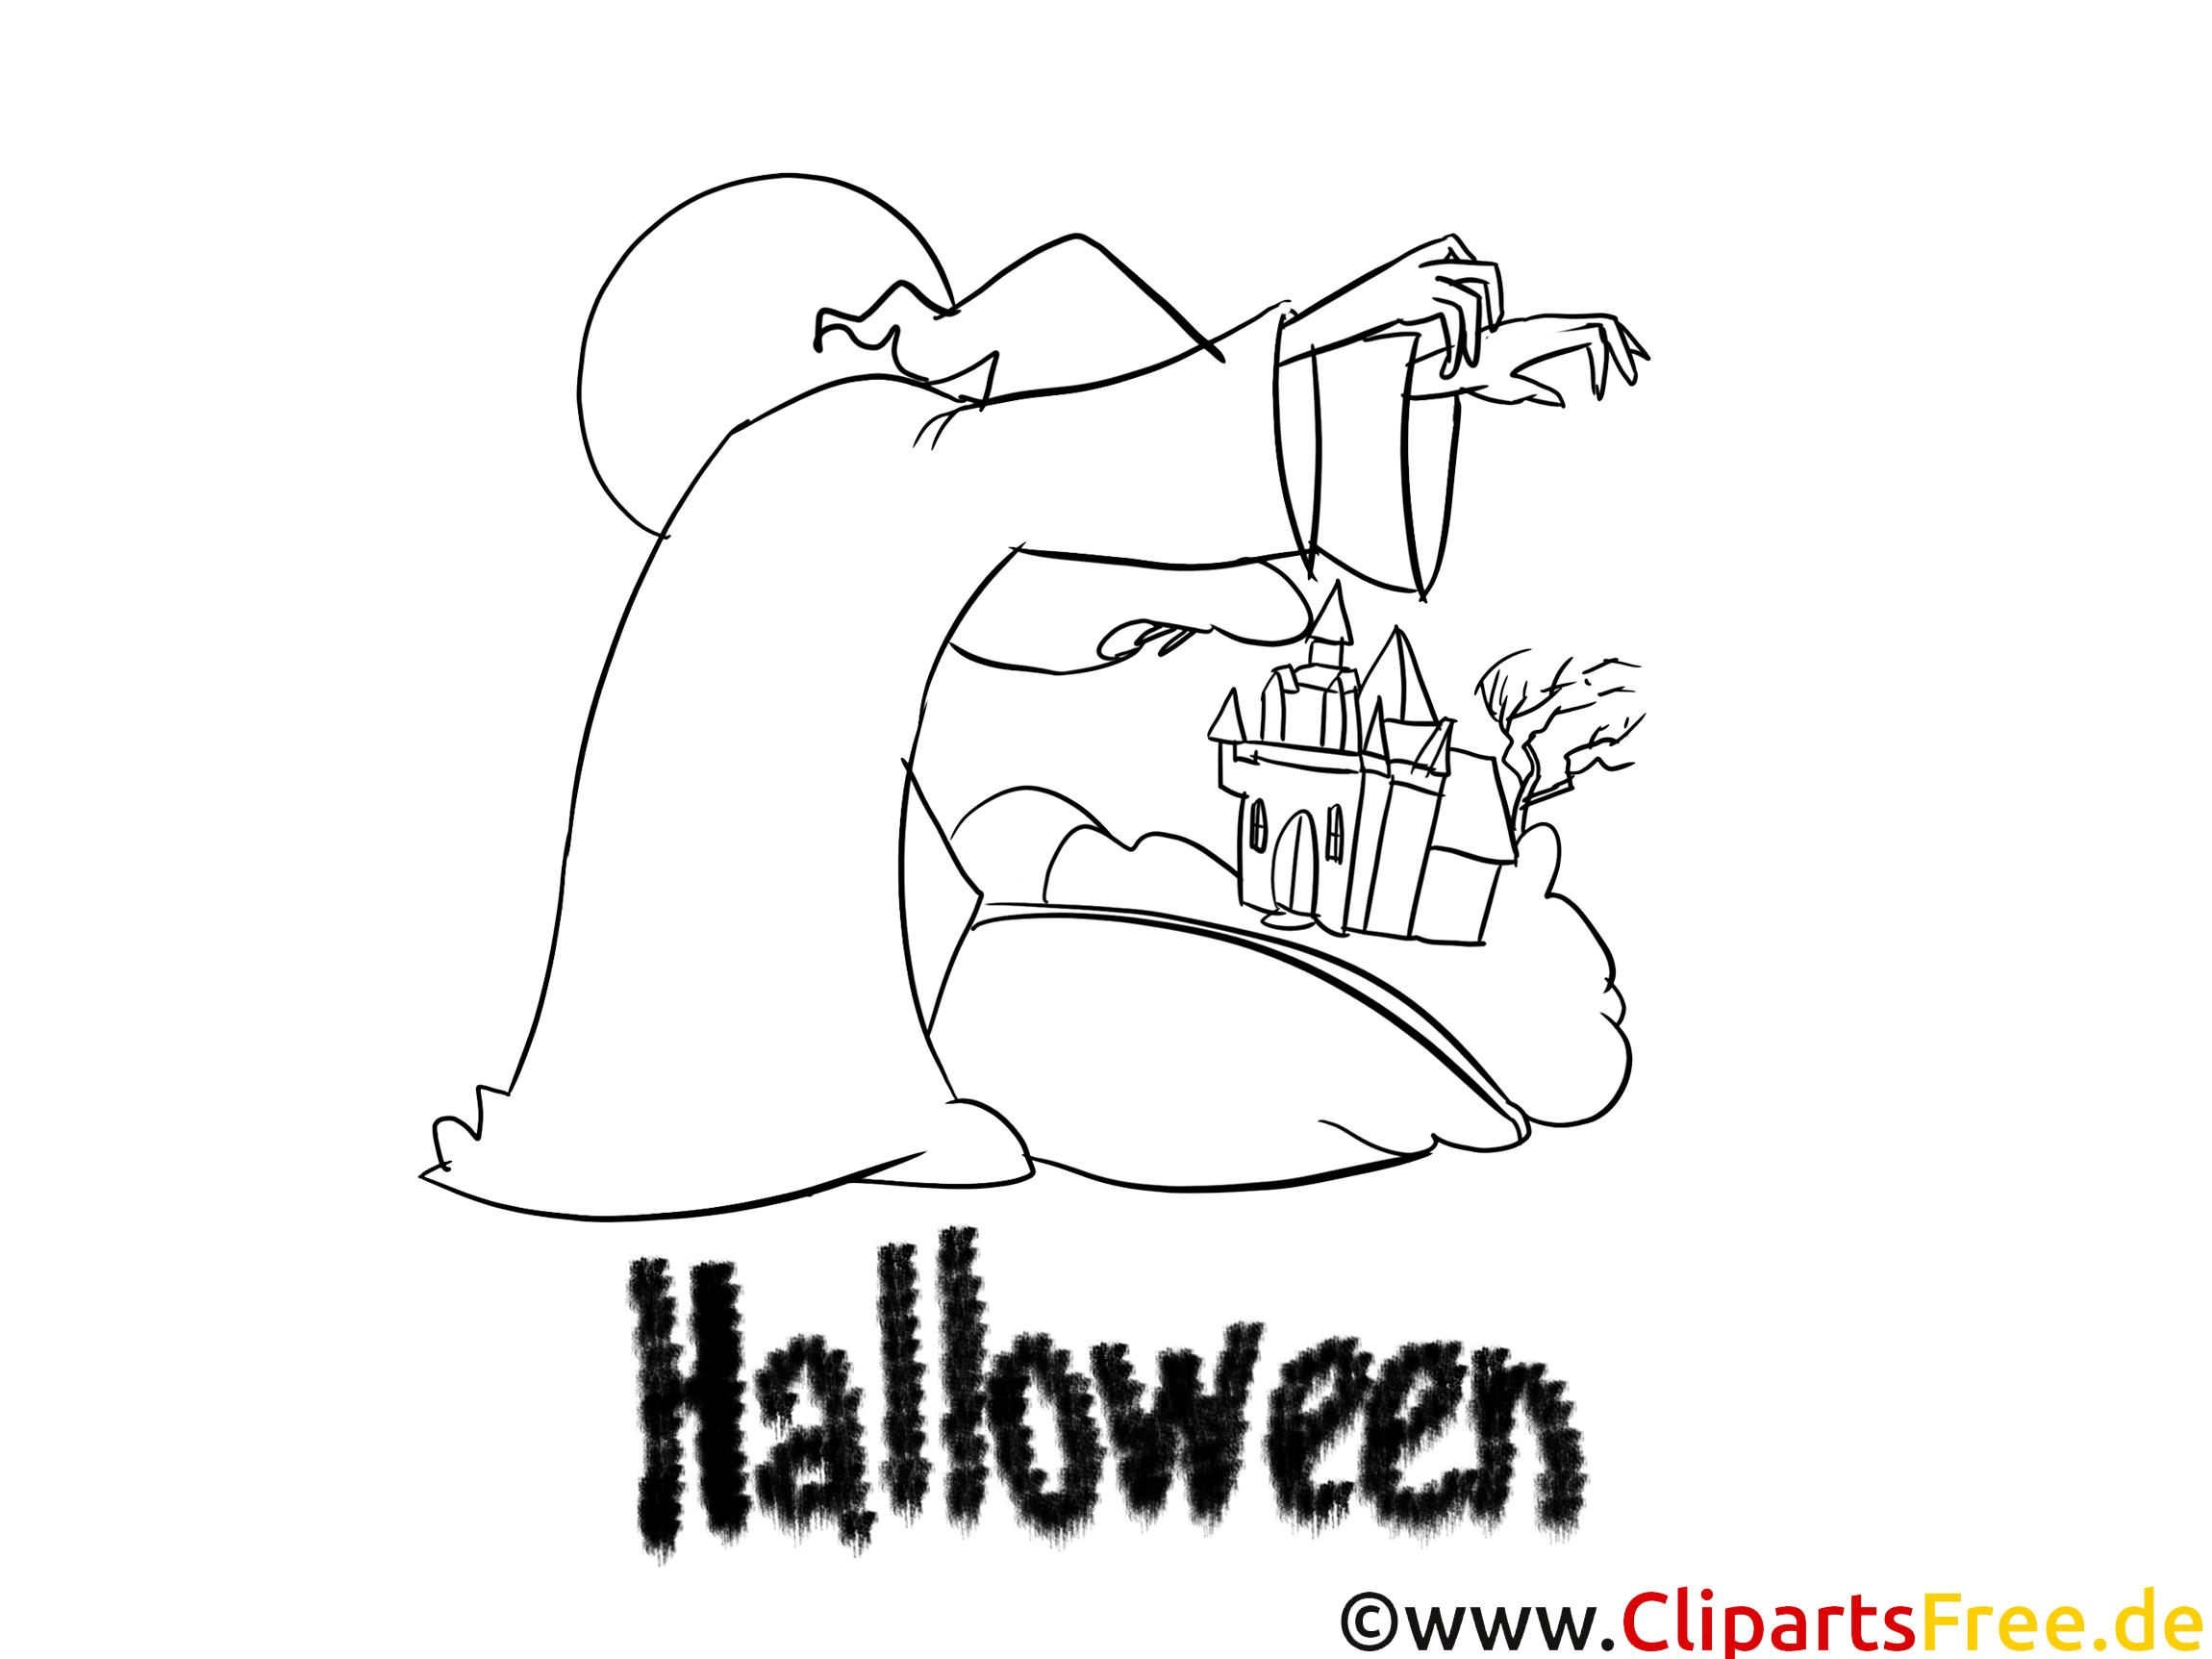 Gruzelige Malvorlage, Ausmalbild, Vorlage zu Halloween